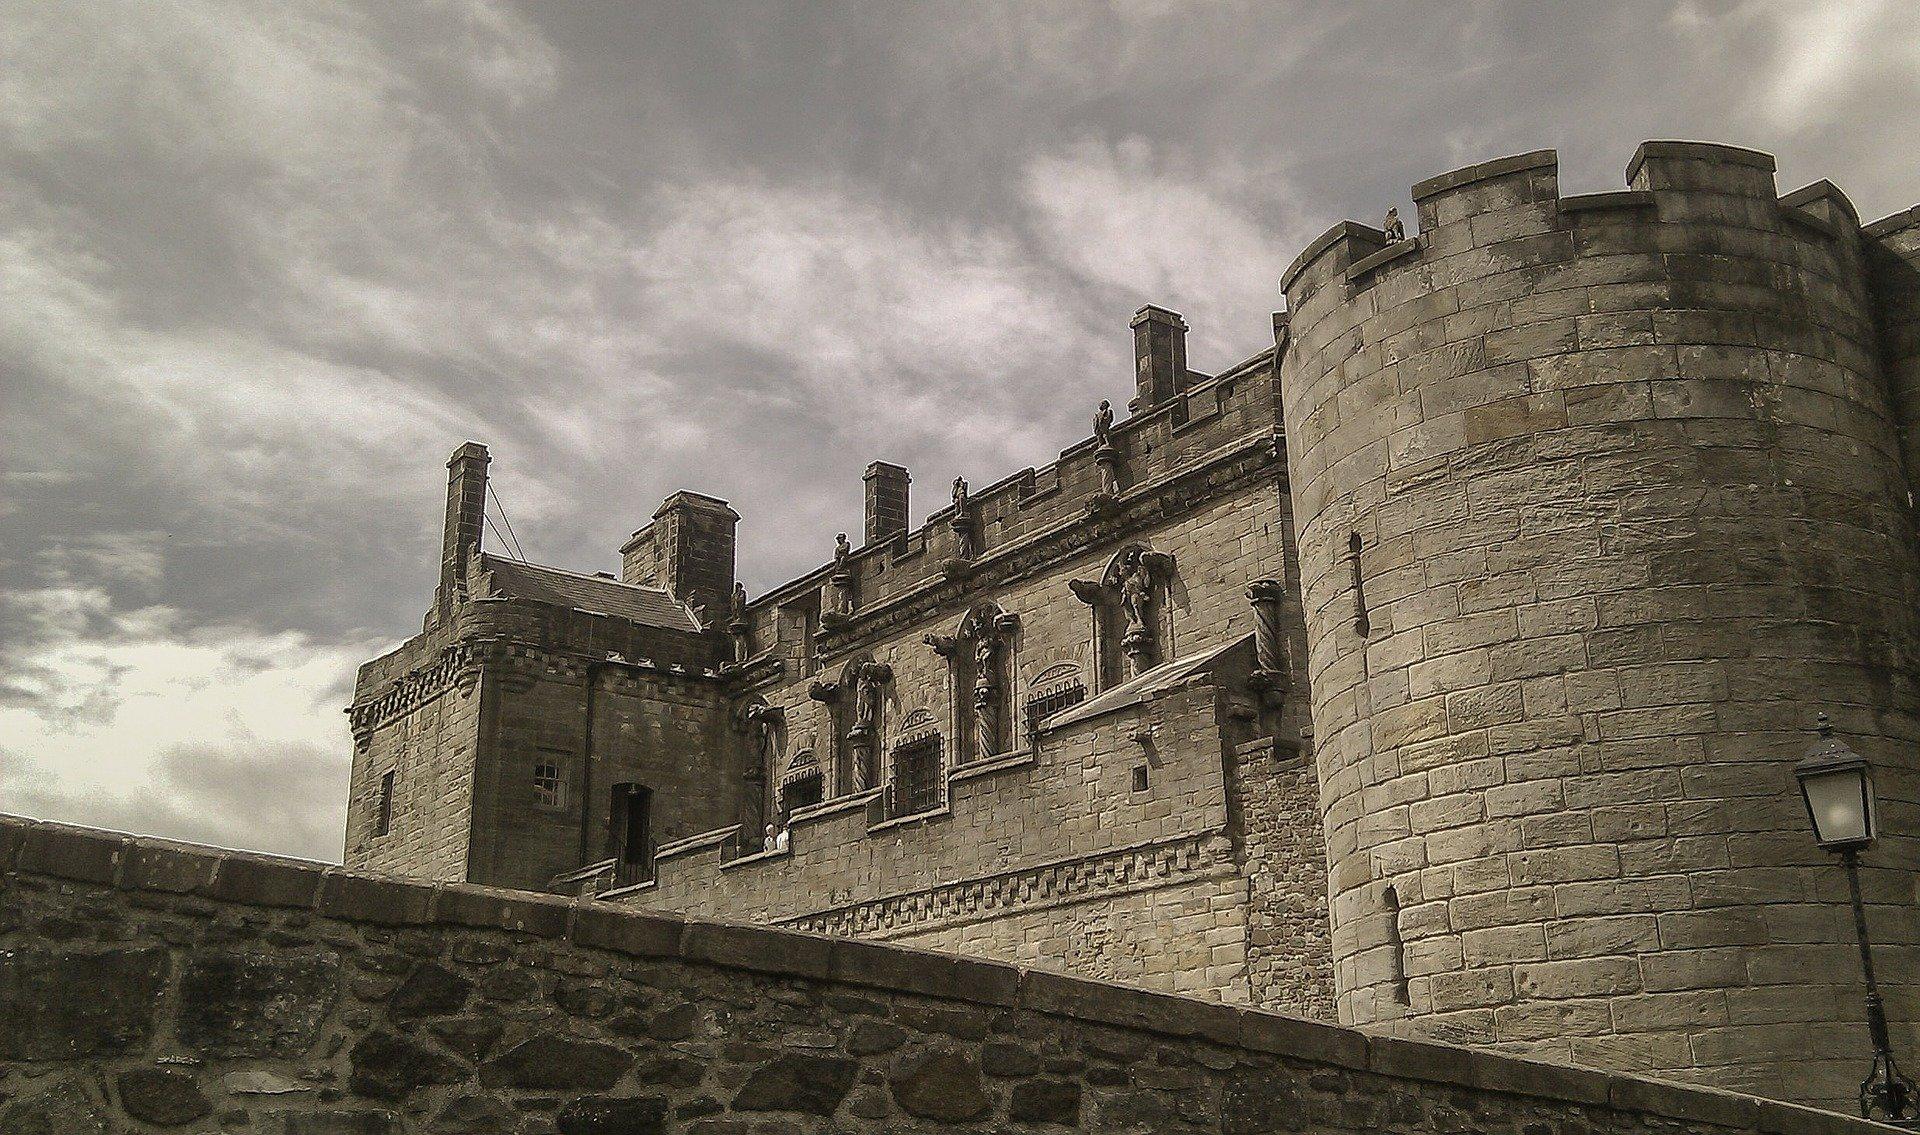 Podkarpacie: Najpiękniejsze zamki i pałace [ZDJĘCIA] - Zdjęcie główne